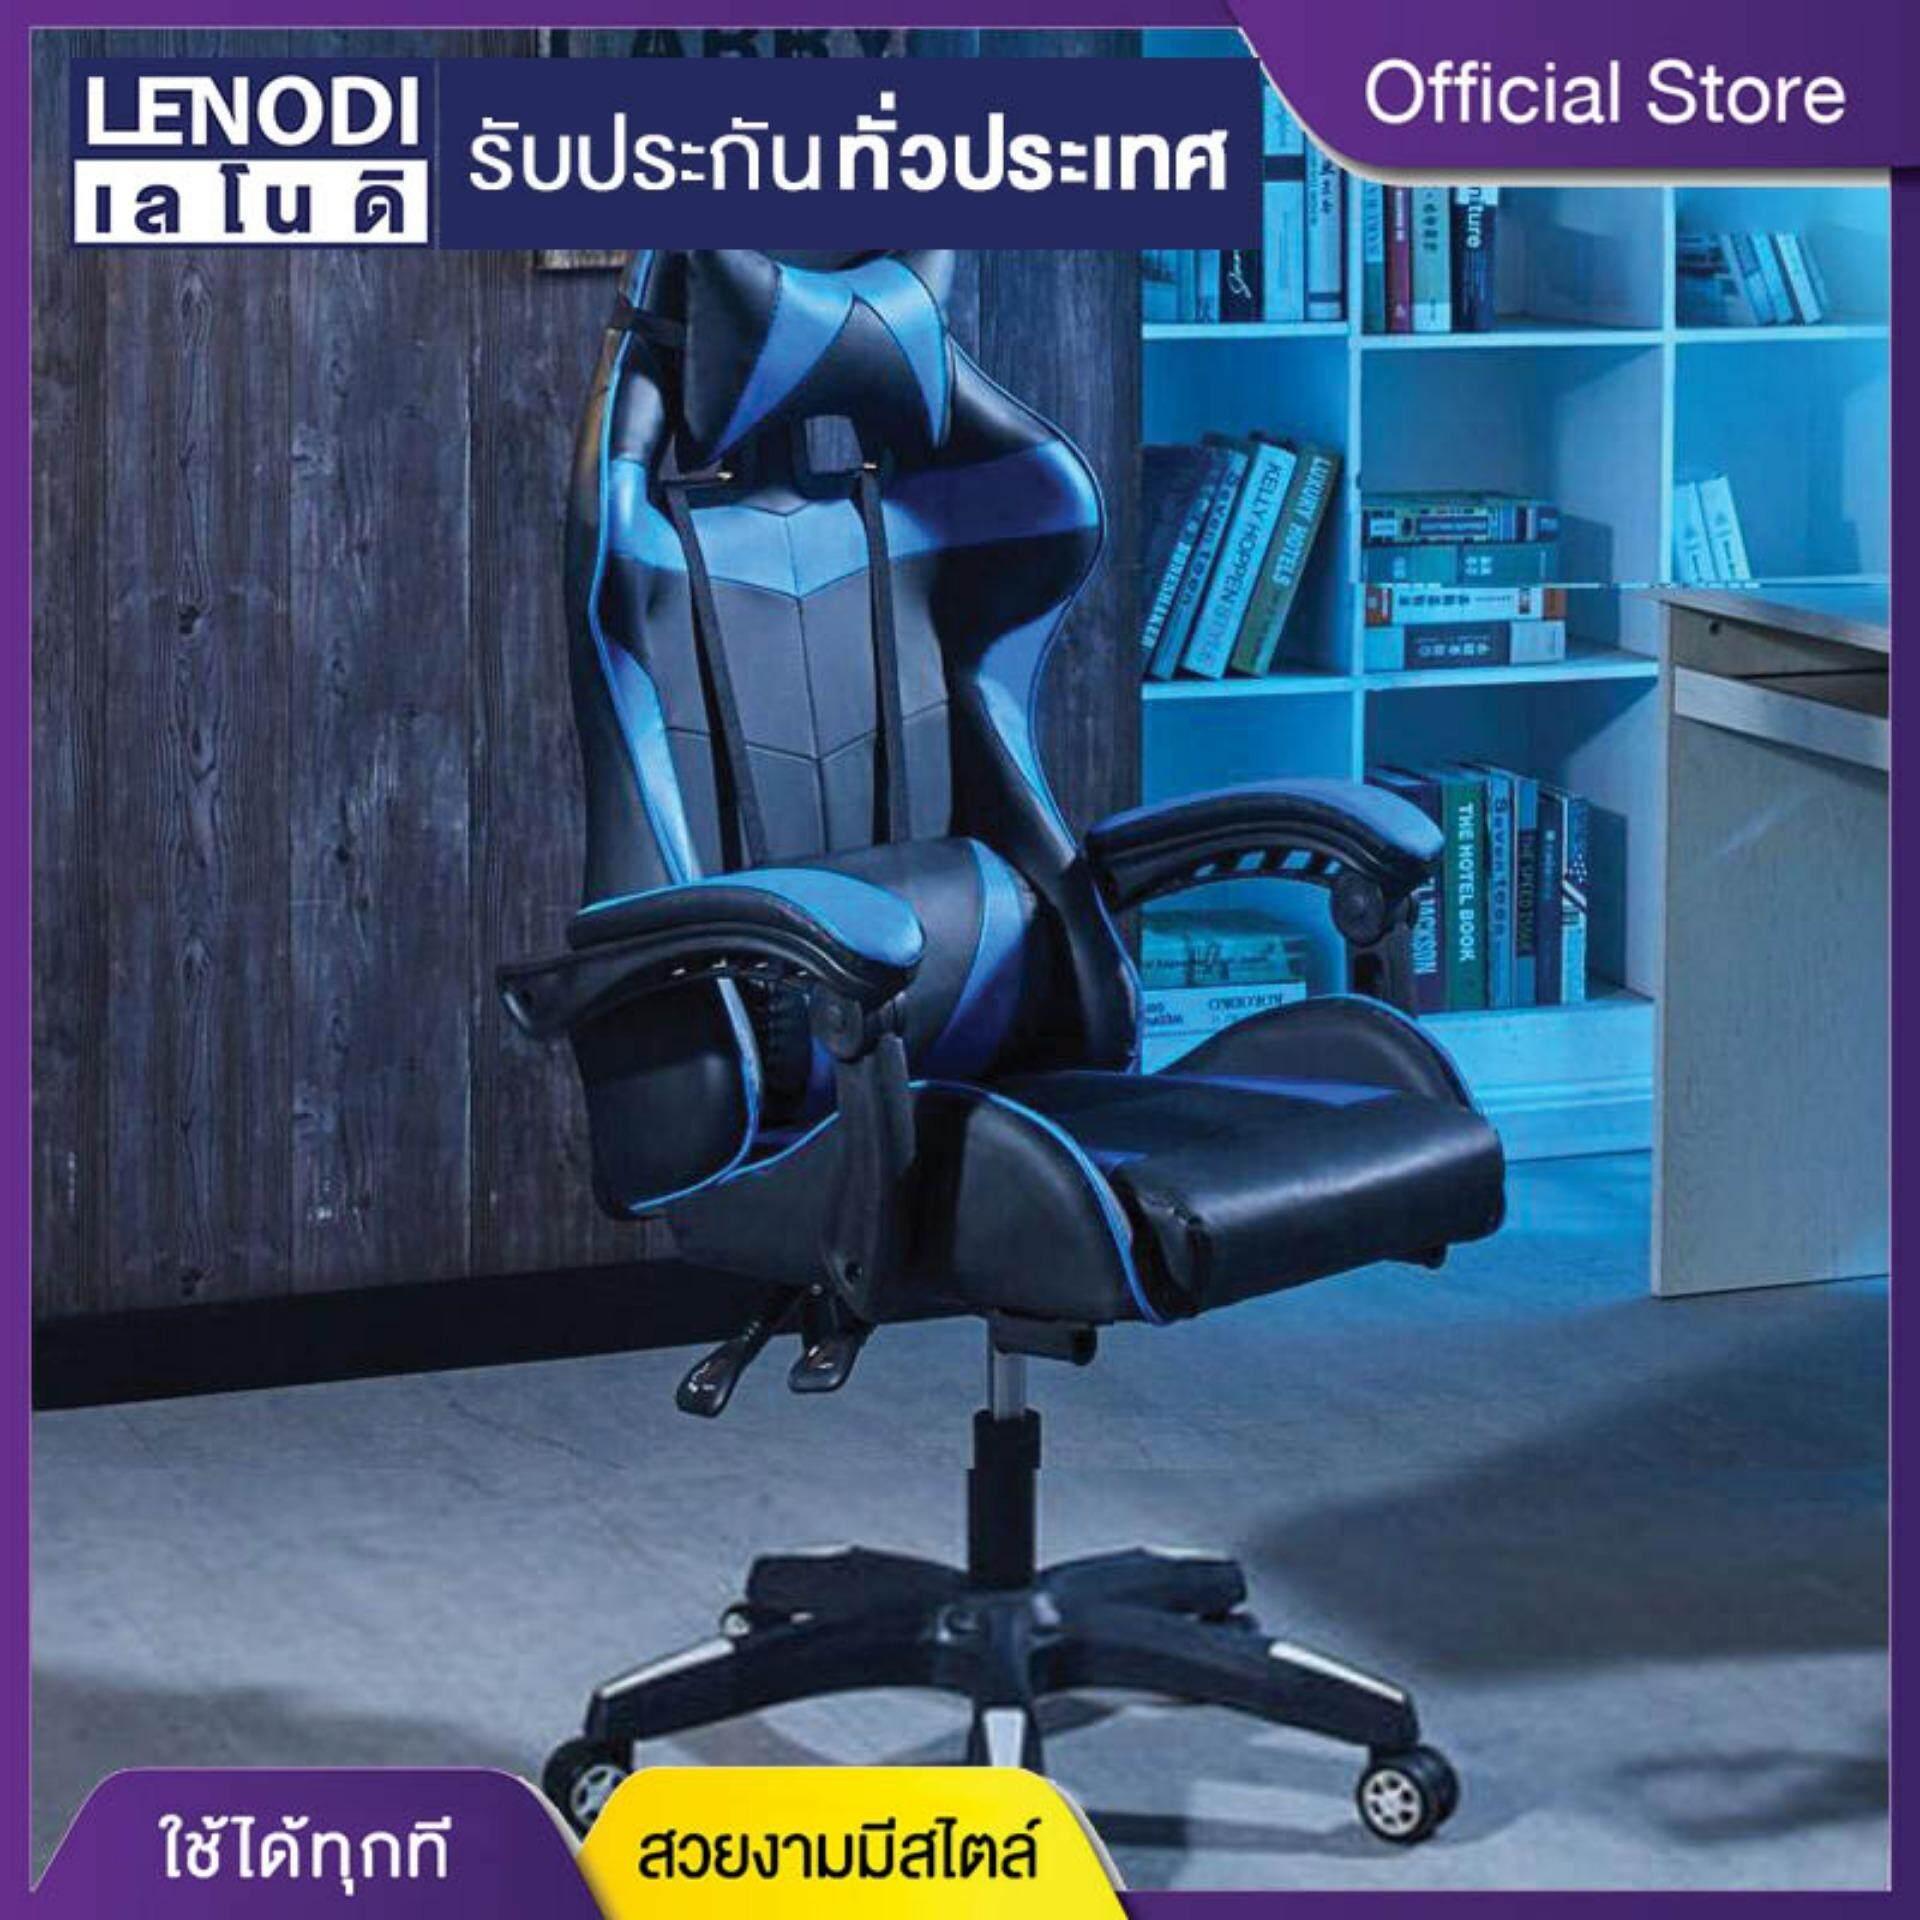 ยี่ห้อนี้ดีไหม  LENODI OFFICIAL STORE เก้าอี้เกม เก้าอี้ทำงาน เก้าอี้คอม เก้าอี้นอน เก้าอี้สำนักงาน เก้าอี้เล่นเกม ESPORT เก้าอี้เกมมิ่ง Gaming Chair ปรับความสูงได้ 10 ซม. นั่งสบาย หมุนได้360° รุ่น HM808